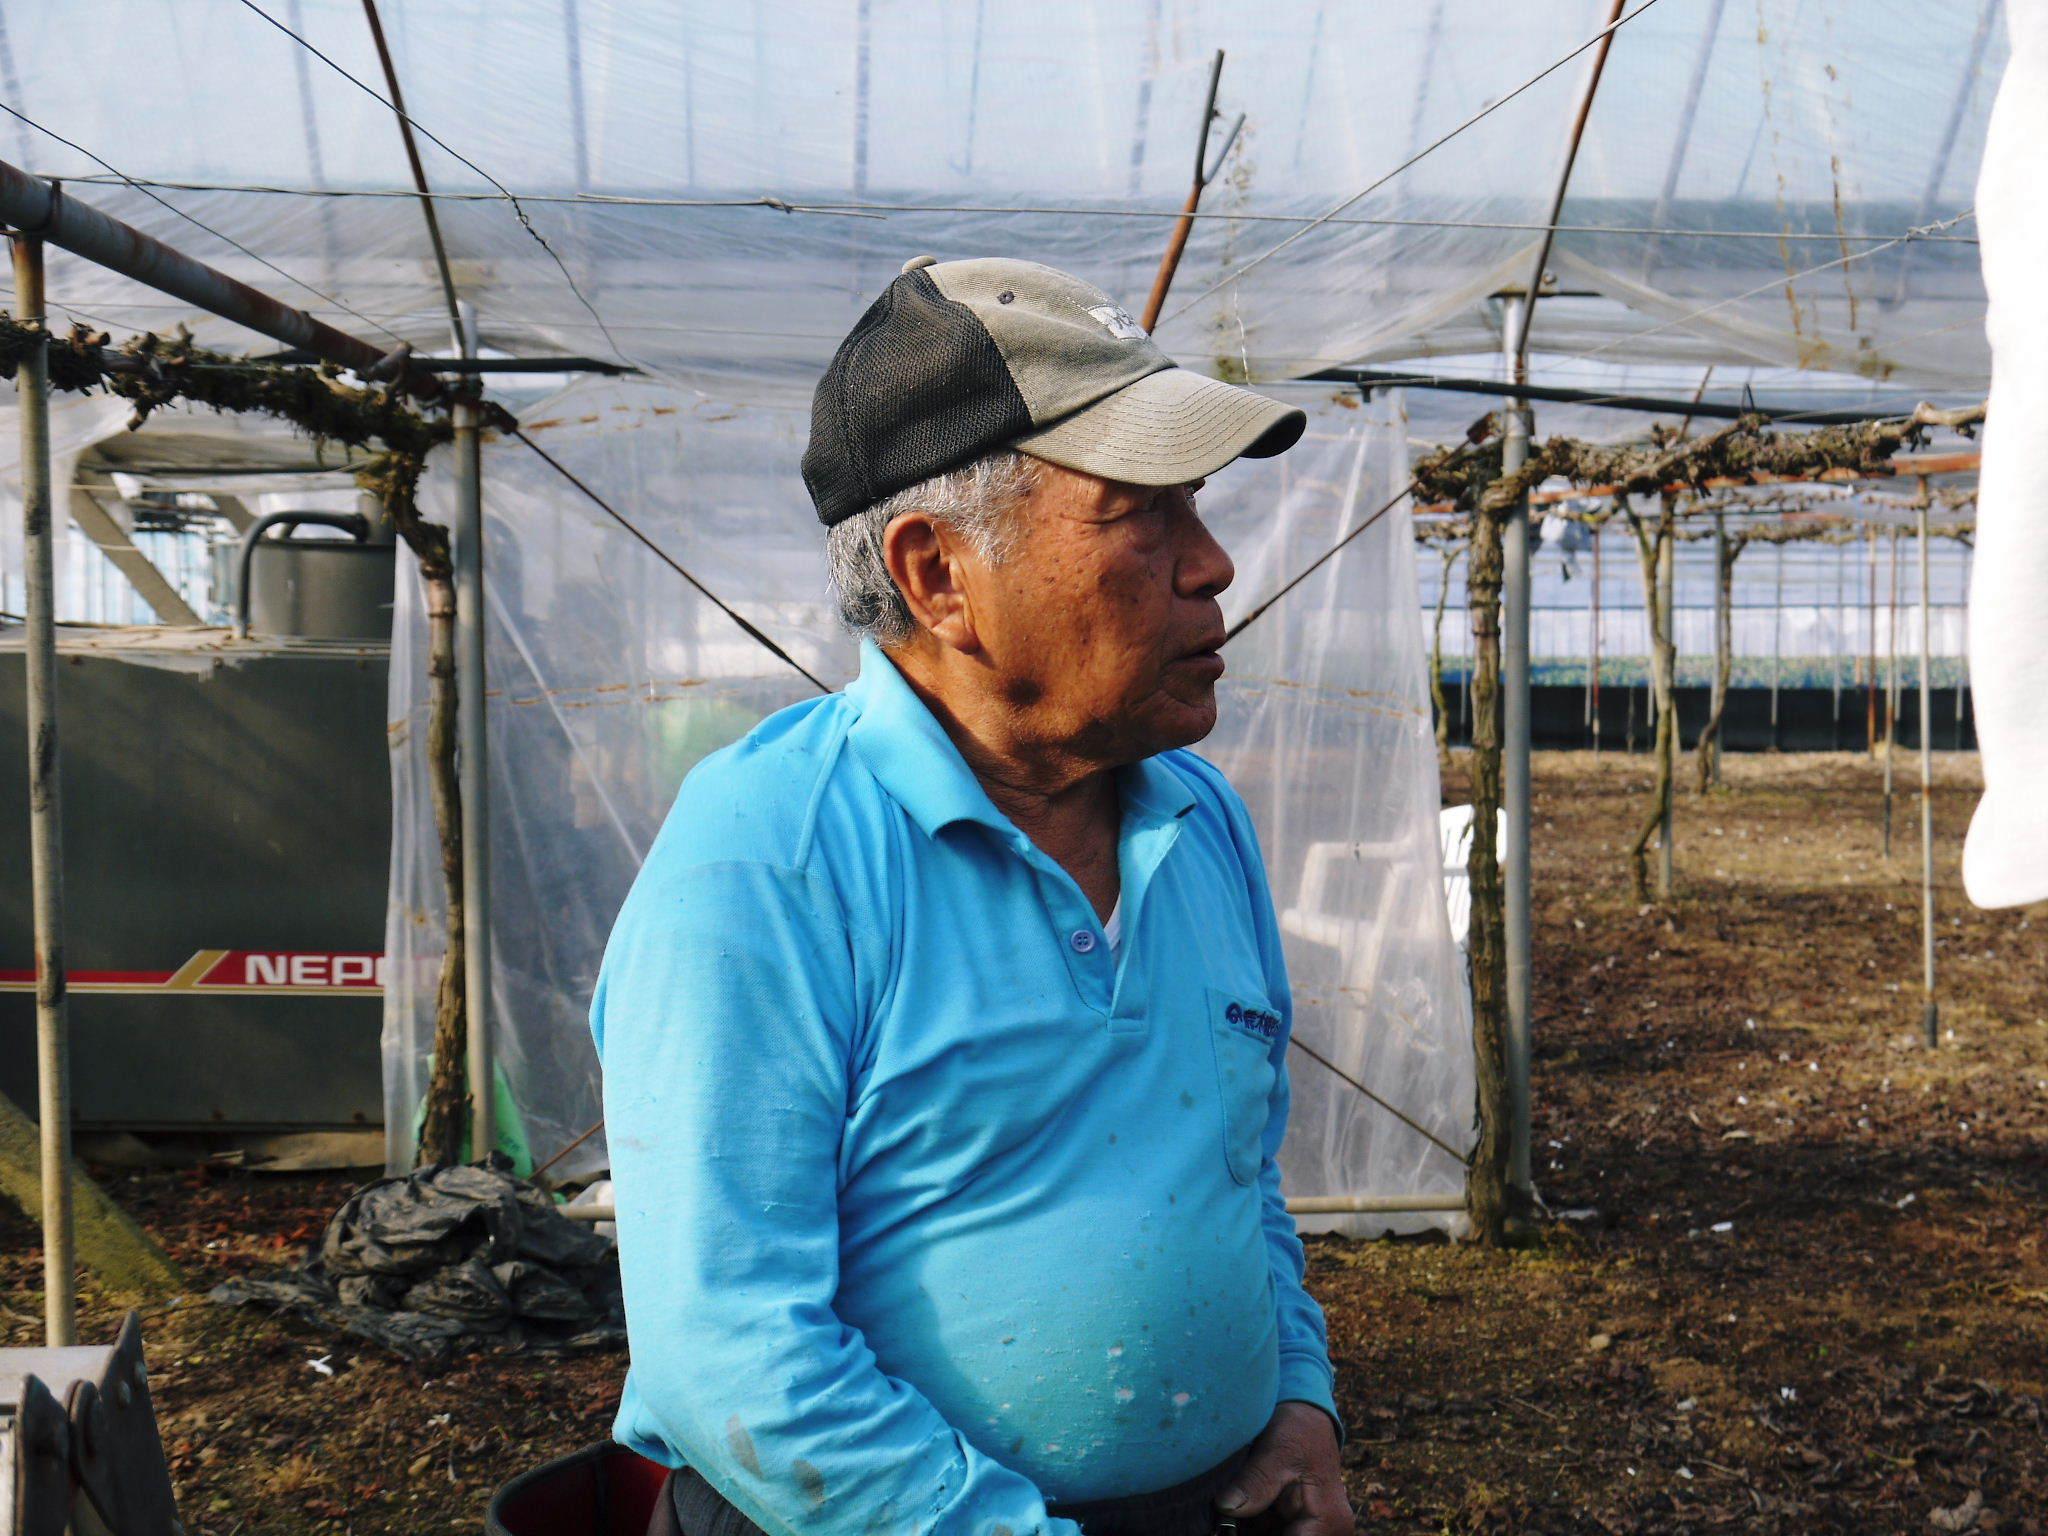 熊本ぶどう 社方園 ハウスの内張り作業を熊本農業高校からの農業実習と共に行っています(2020)前編_a0254656_17364786.jpg